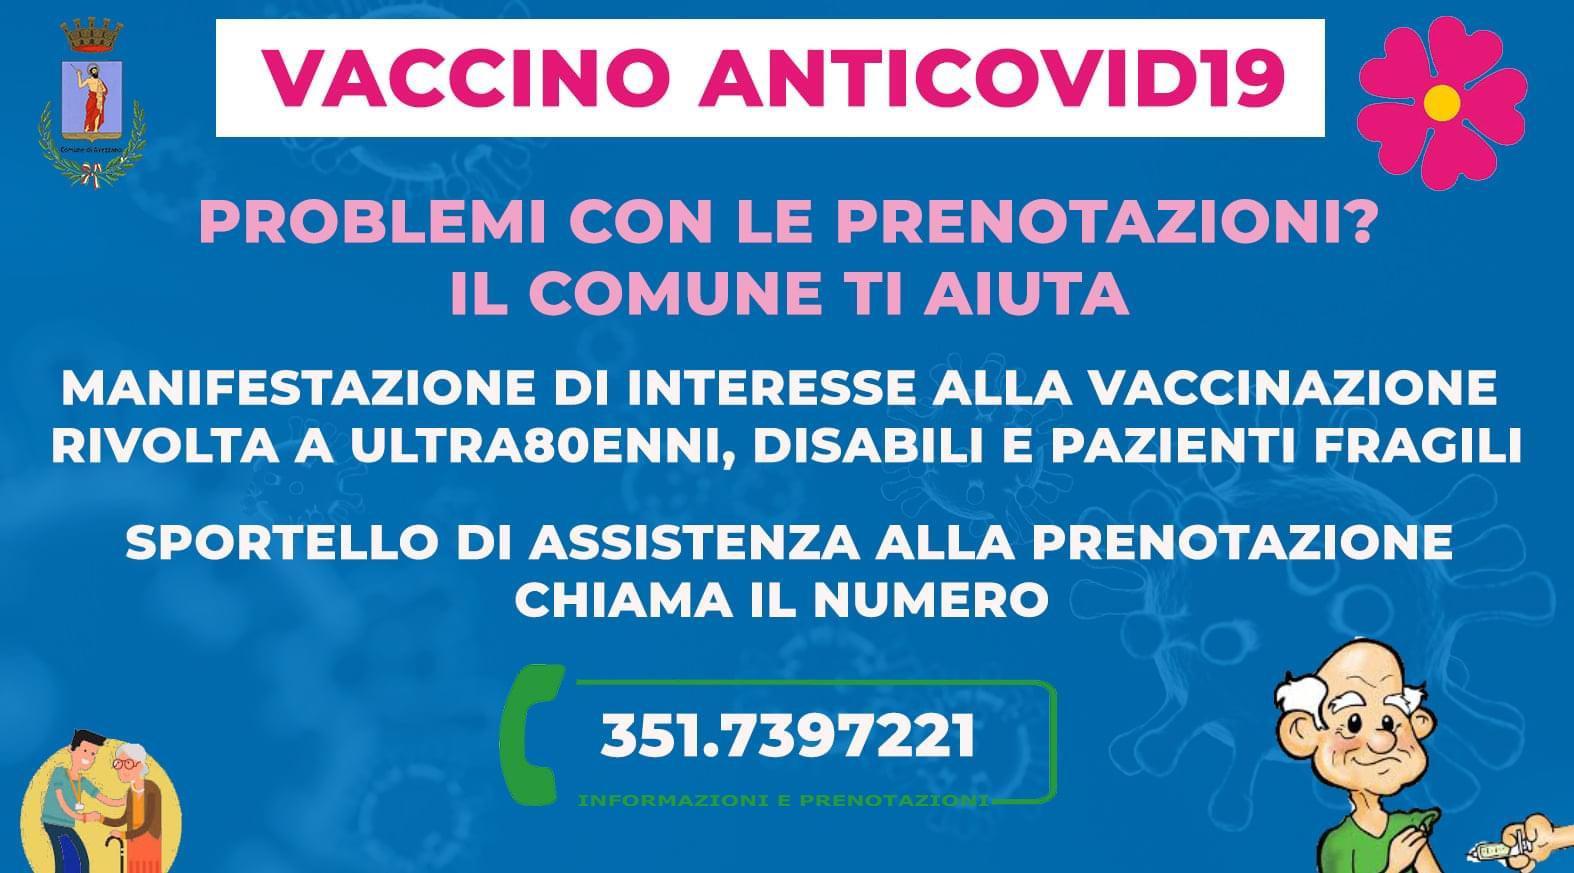 Locandina vaccino anticovid